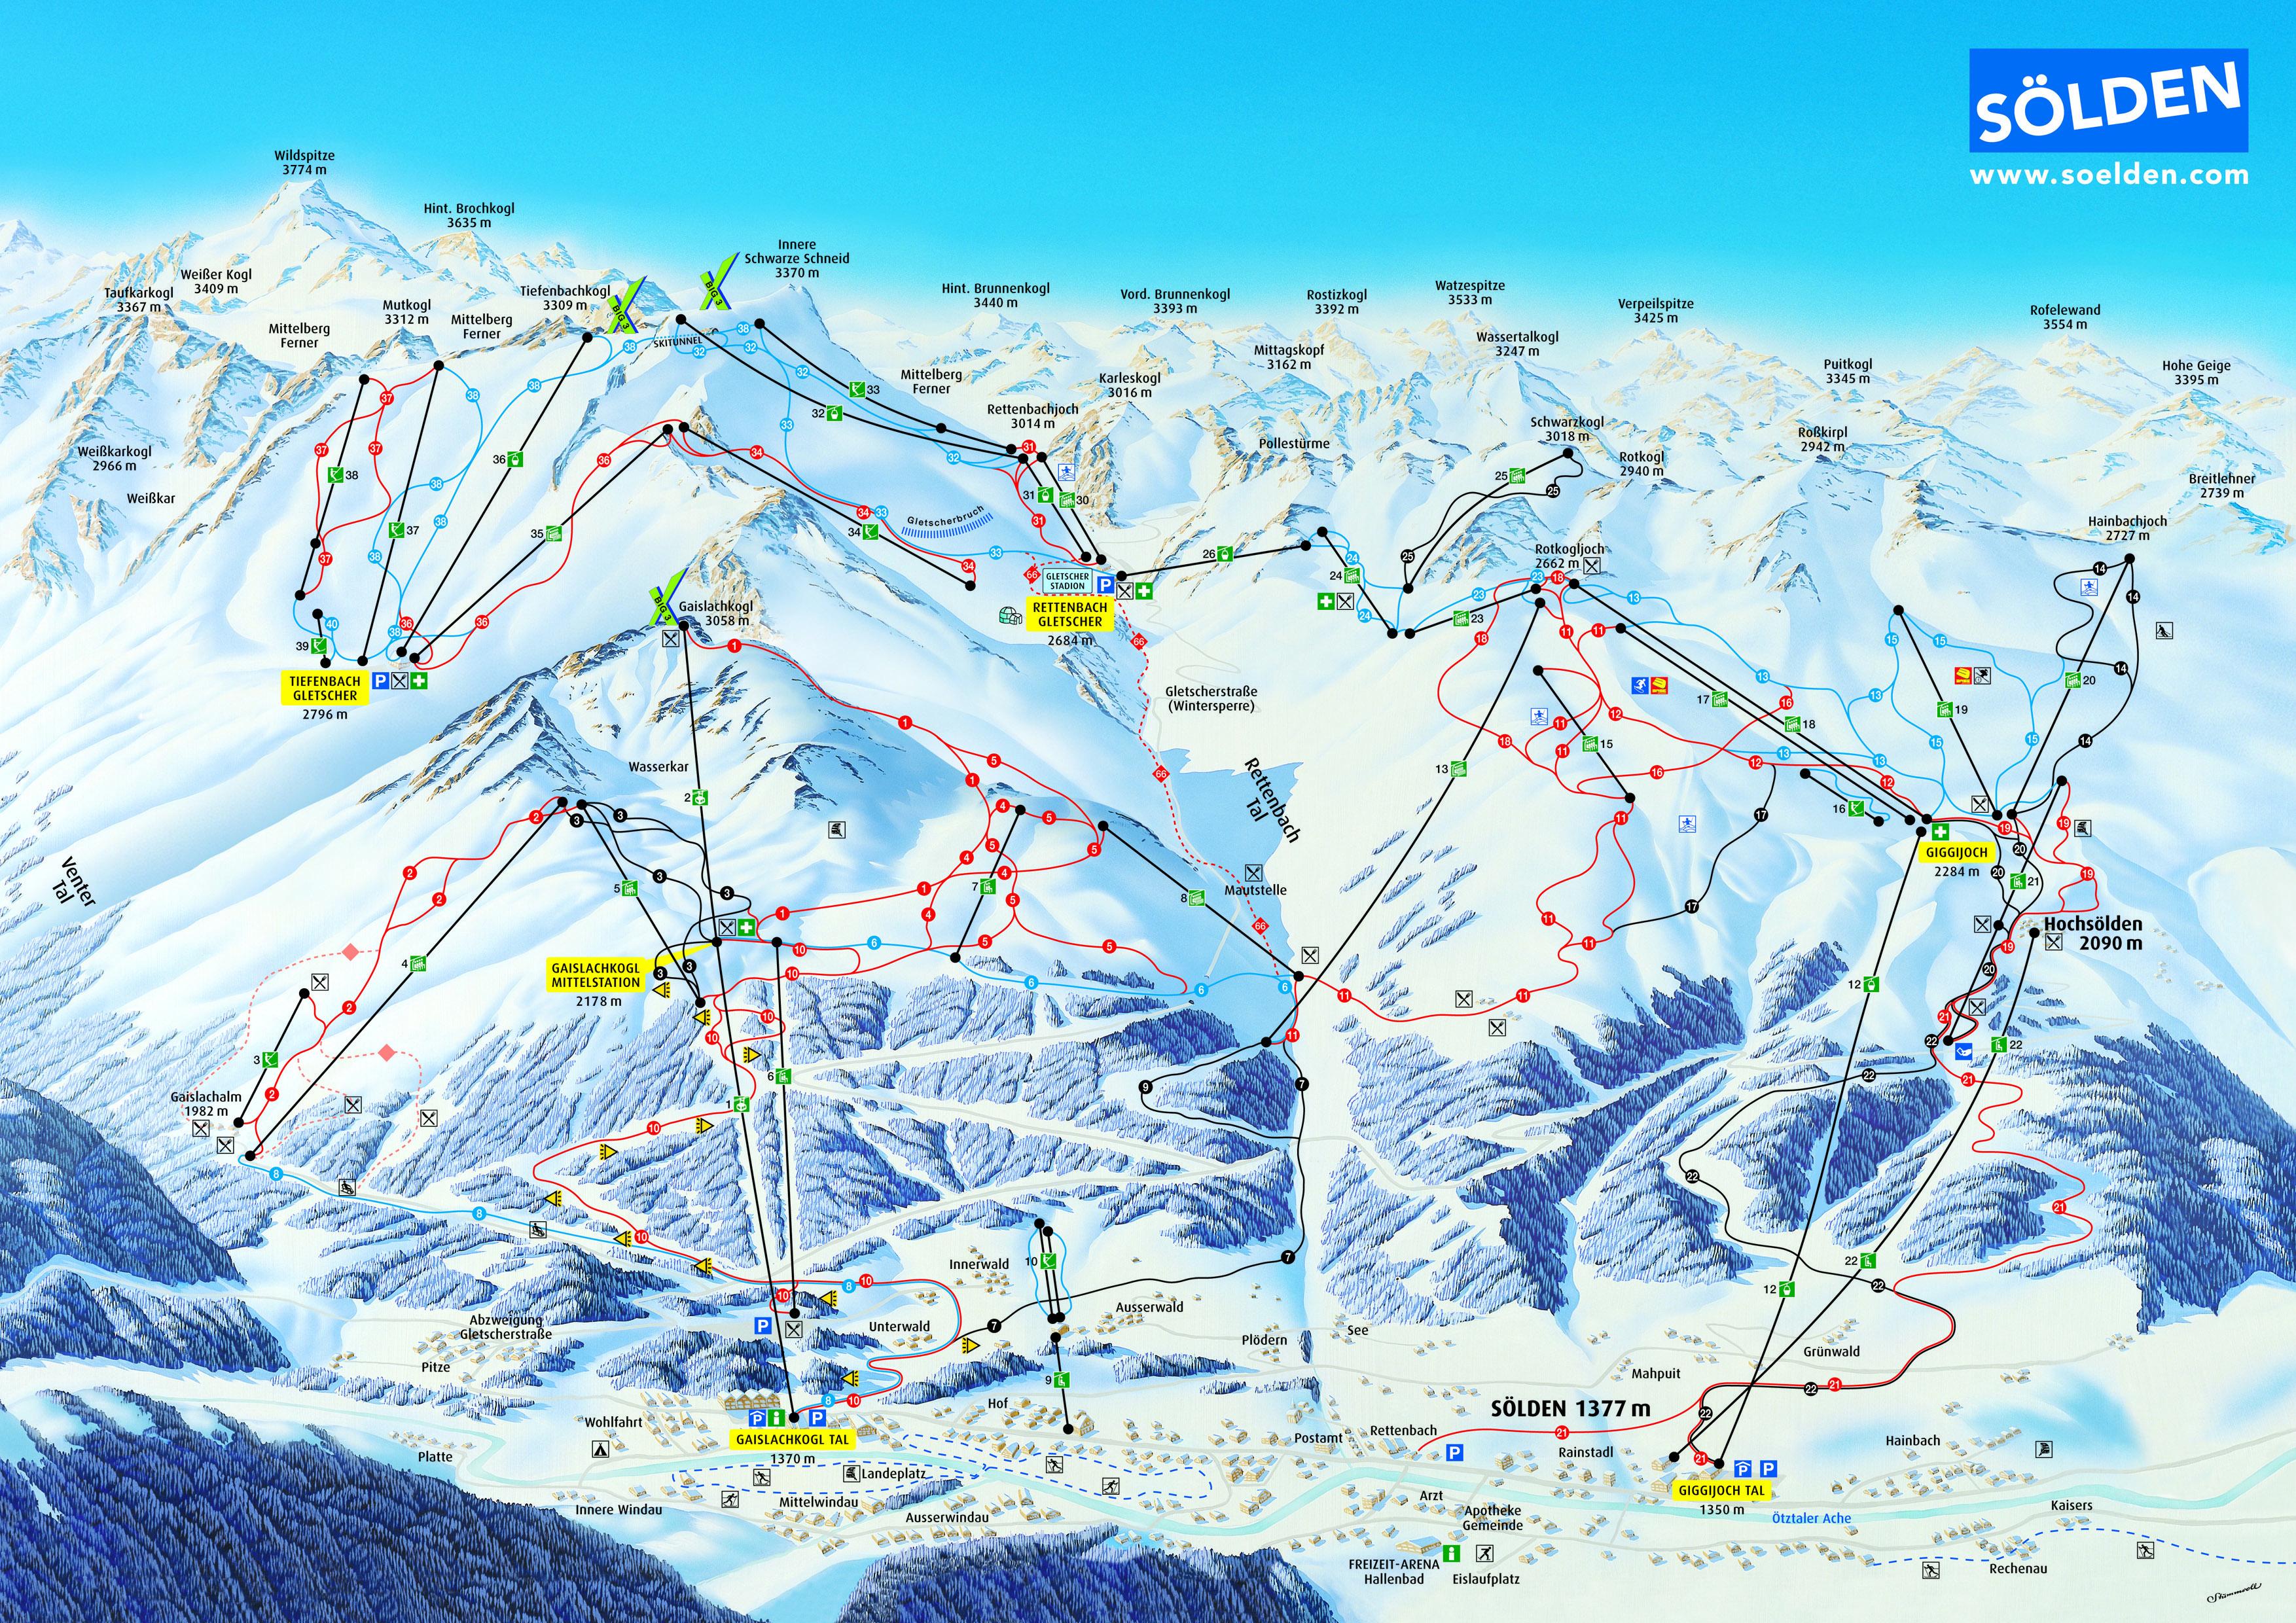 План лыжных трасс в Зёльден. Soelden